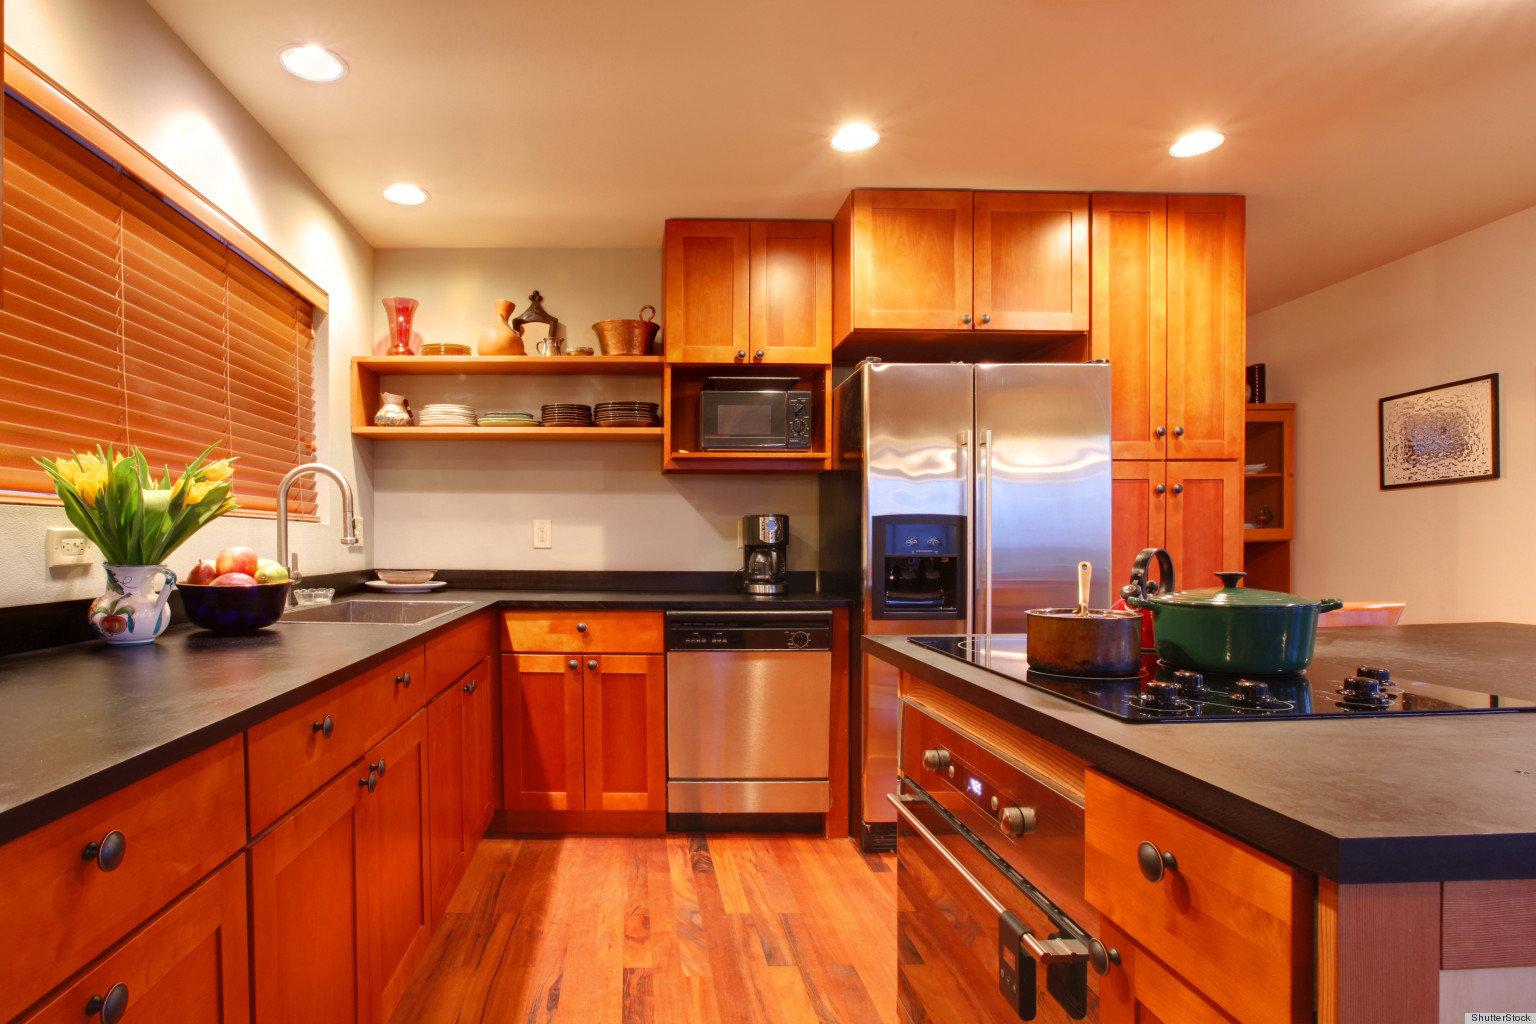 Kitchen (Medium Size)